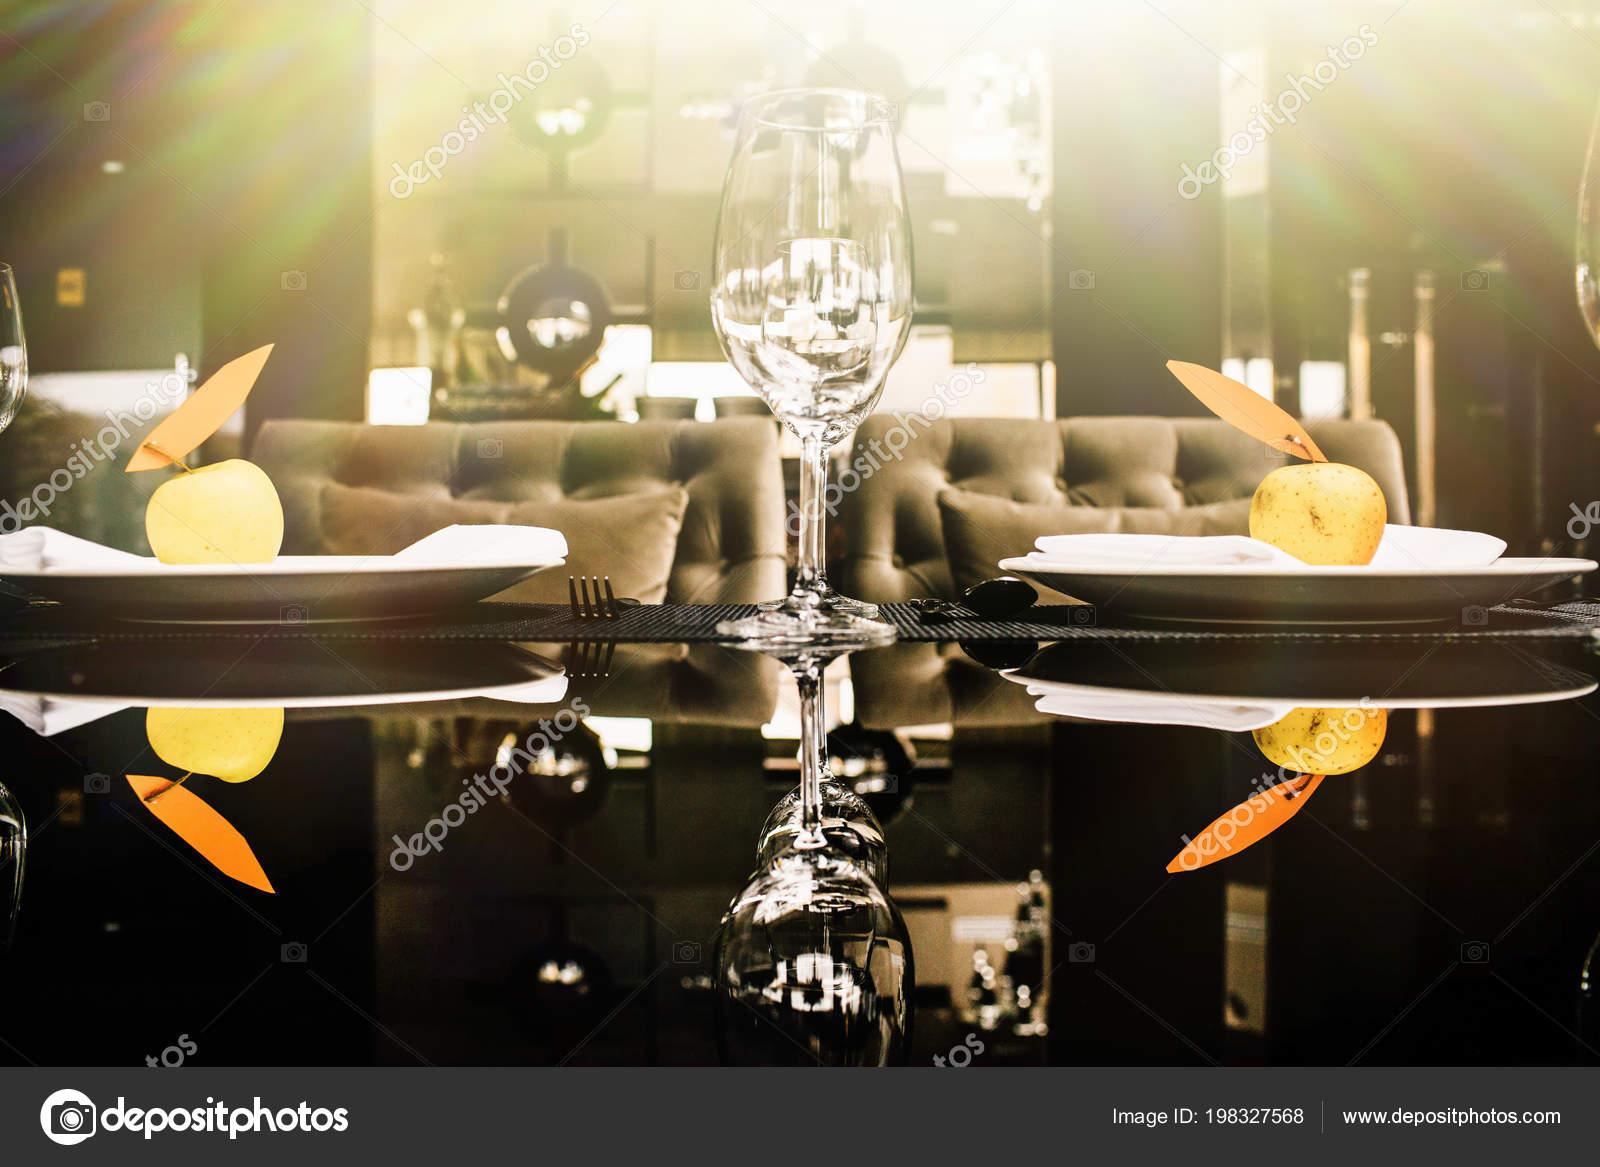 Fancy Table Setting Wine Glasses Elegant Restaurant Stock Photo C Vaksmanv101 198327568